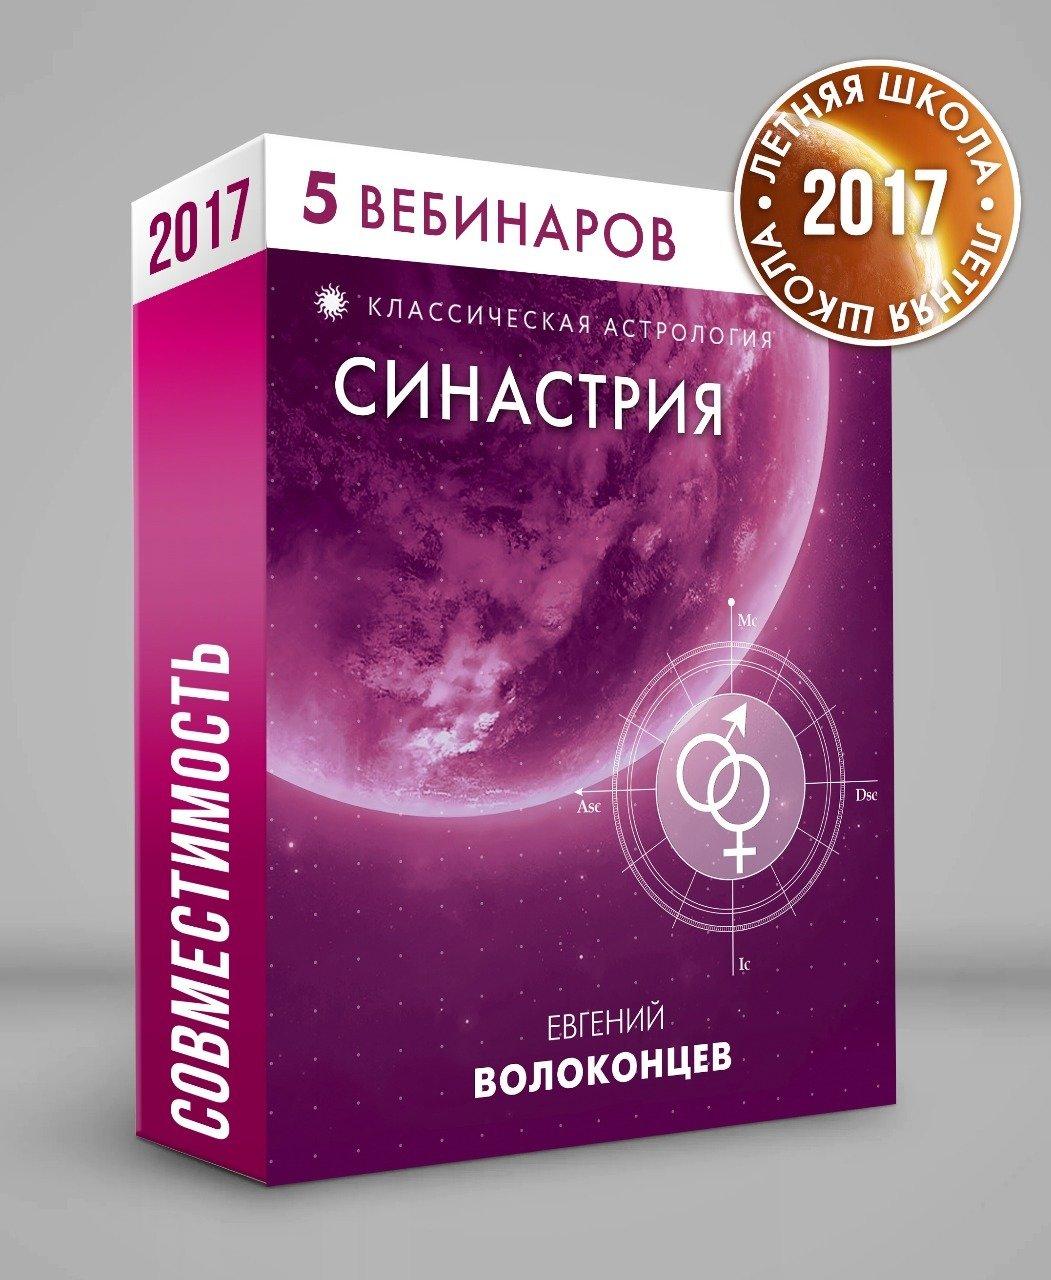 """""""СИНАСТРИИ"""" - Астрология Совместимости, 5 вебинаров по 3 часа, 2017 г. 00005"""